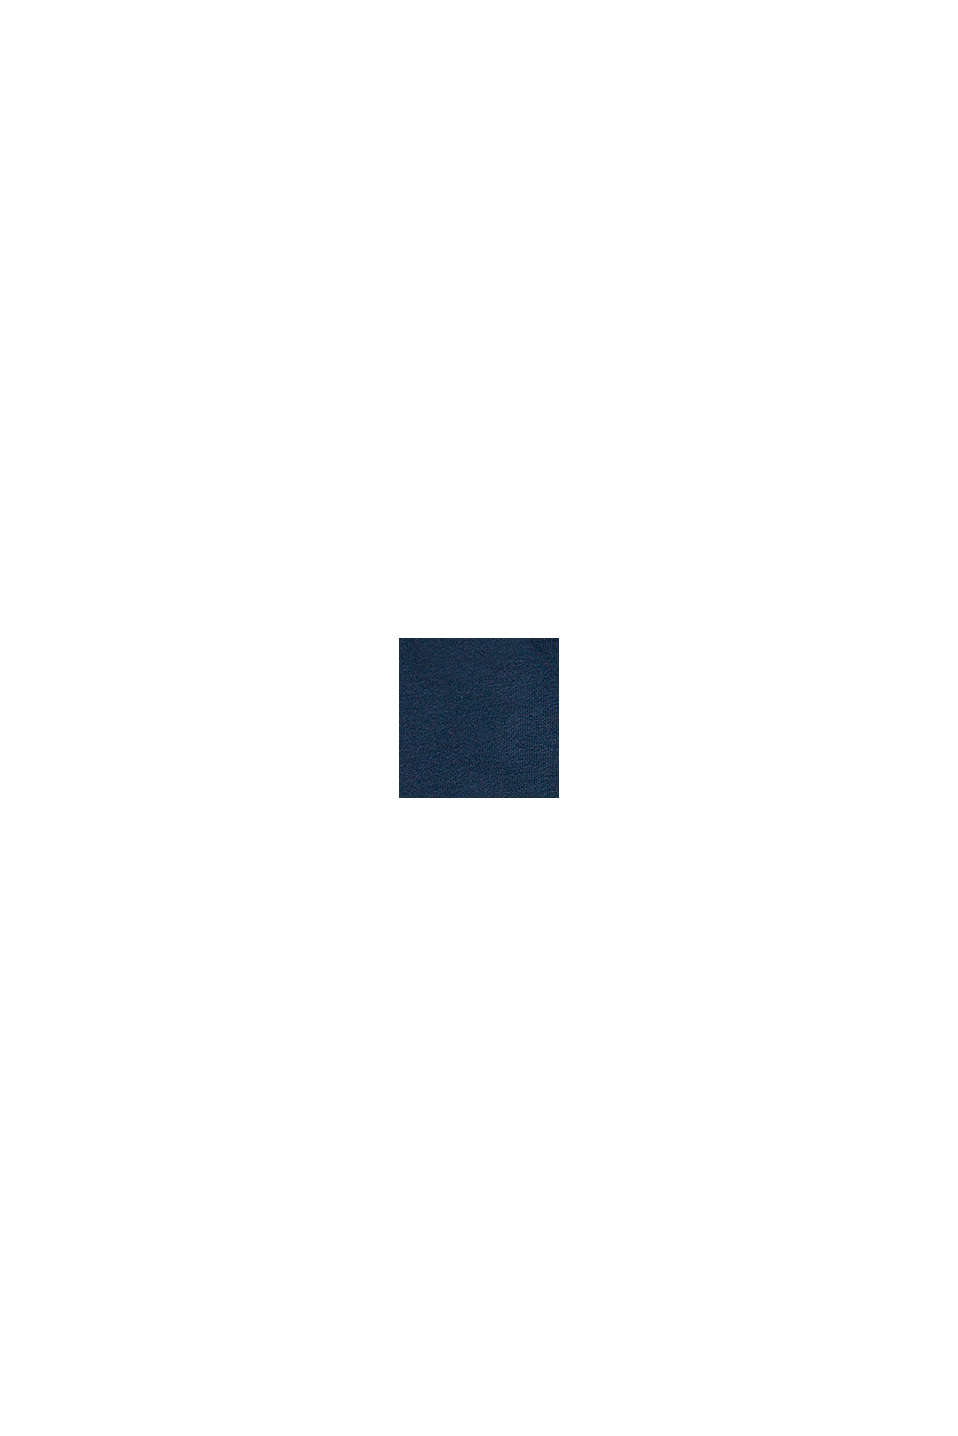 Jersey jurk met rolschaatsprint, PETROL BLUE, swatch